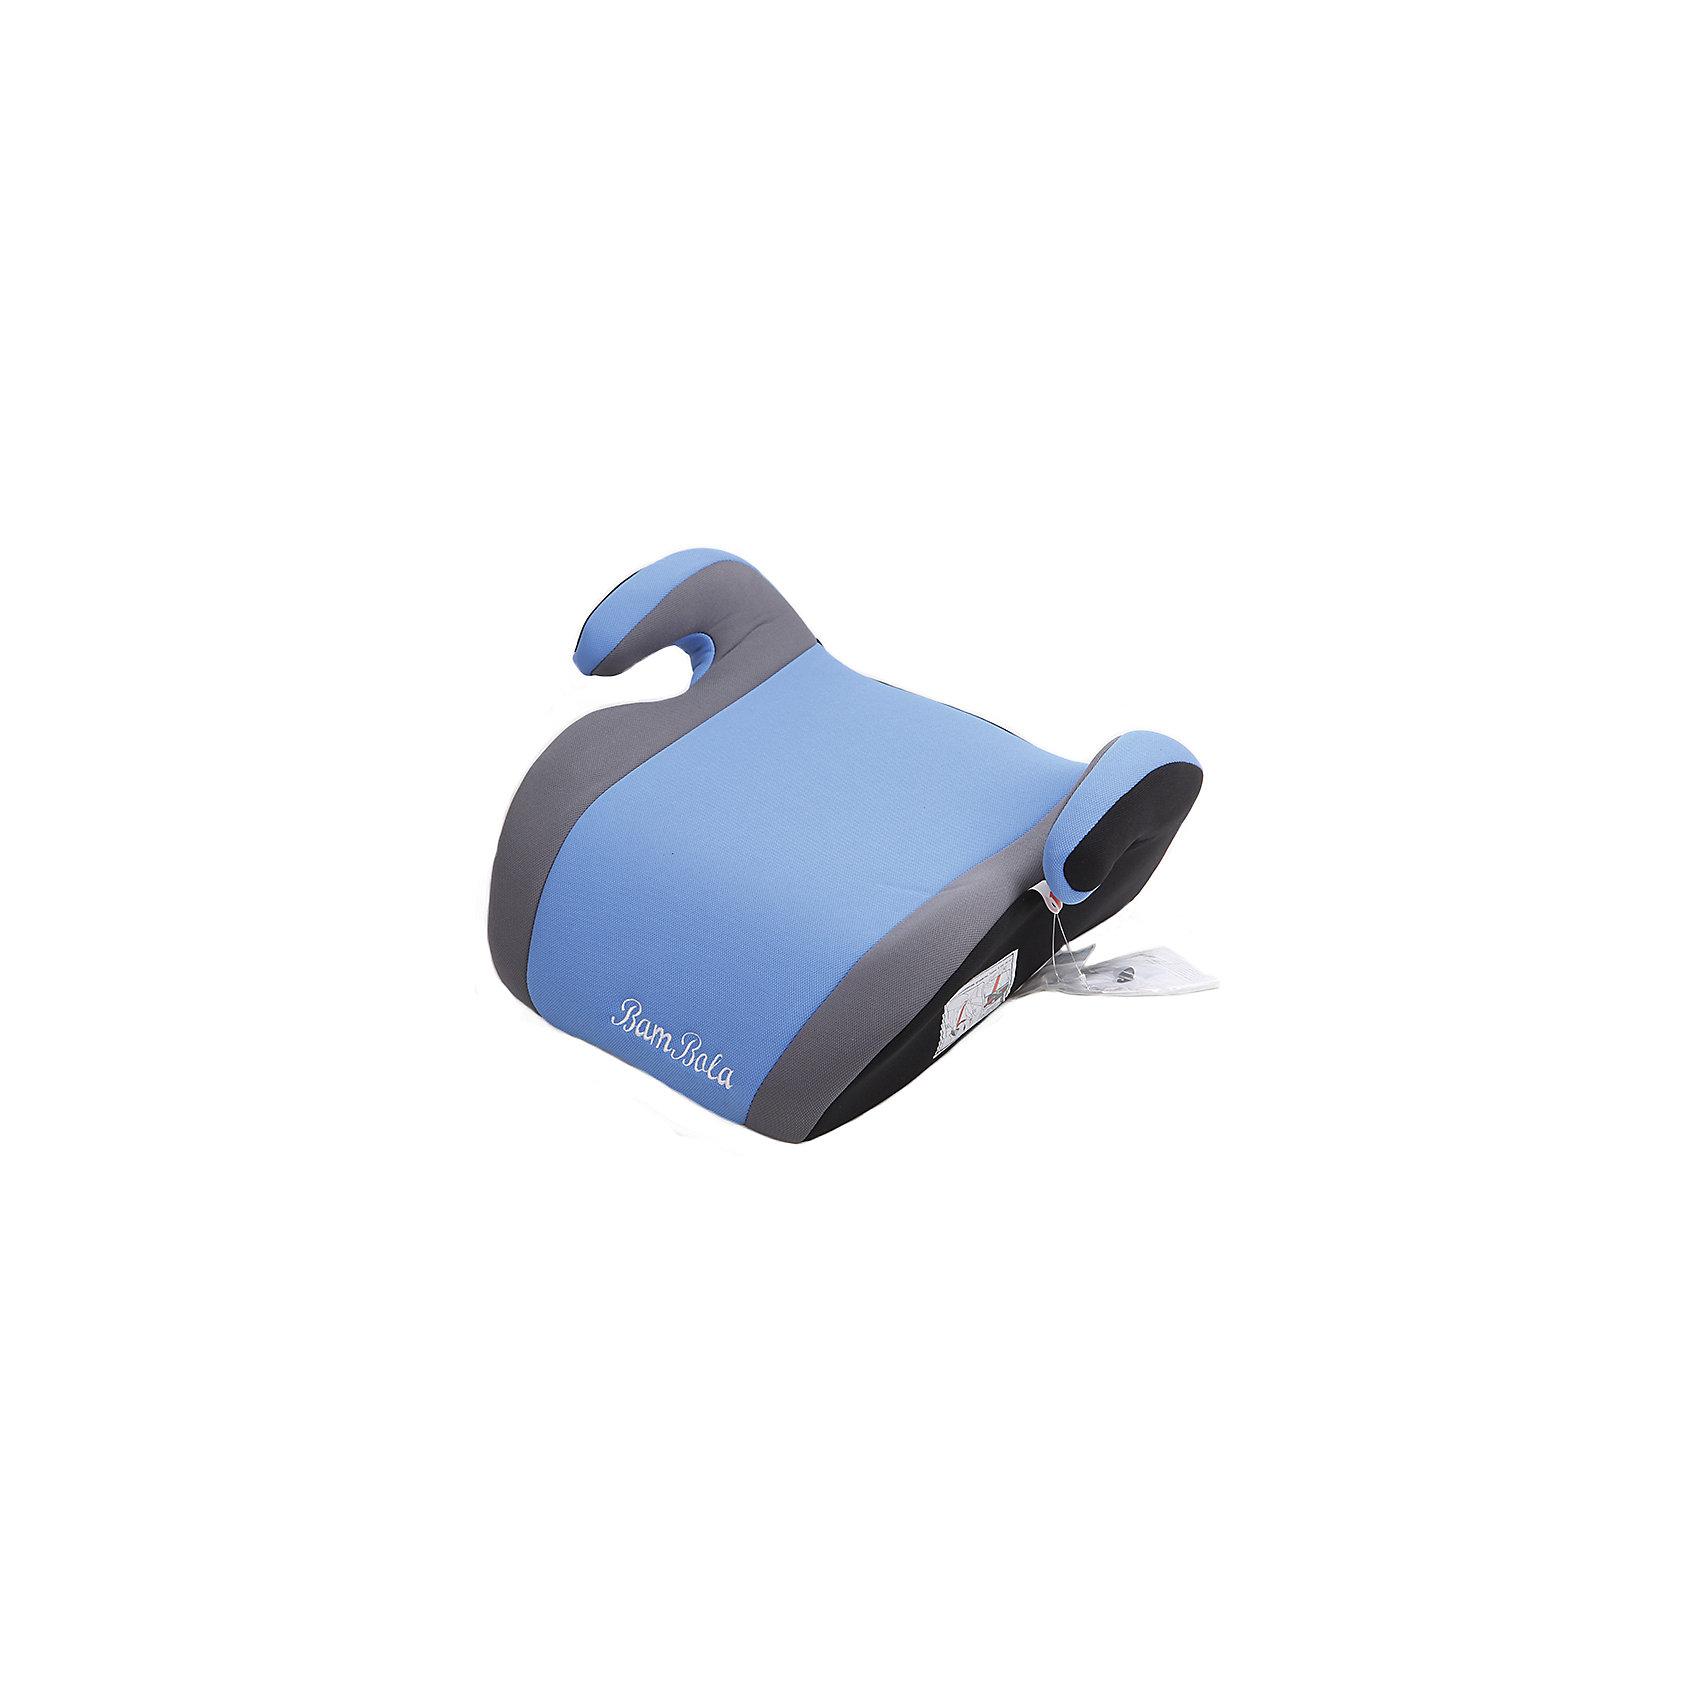 Бустер TUTELA 15-36 кг., Bamlola, серый/голубойBAMBOLA Бустер 15-36 кг TUTELA Серый/Голубой 6шт/кор<br><br>Ширина мм: 370<br>Глубина мм: 350<br>Высота мм: 190<br>Вес г: 1300<br>Возраст от месяцев: -2147483648<br>Возраст до месяцев: 2147483647<br>Пол: Унисекс<br>Возраст: Детский<br>SKU: 5500141